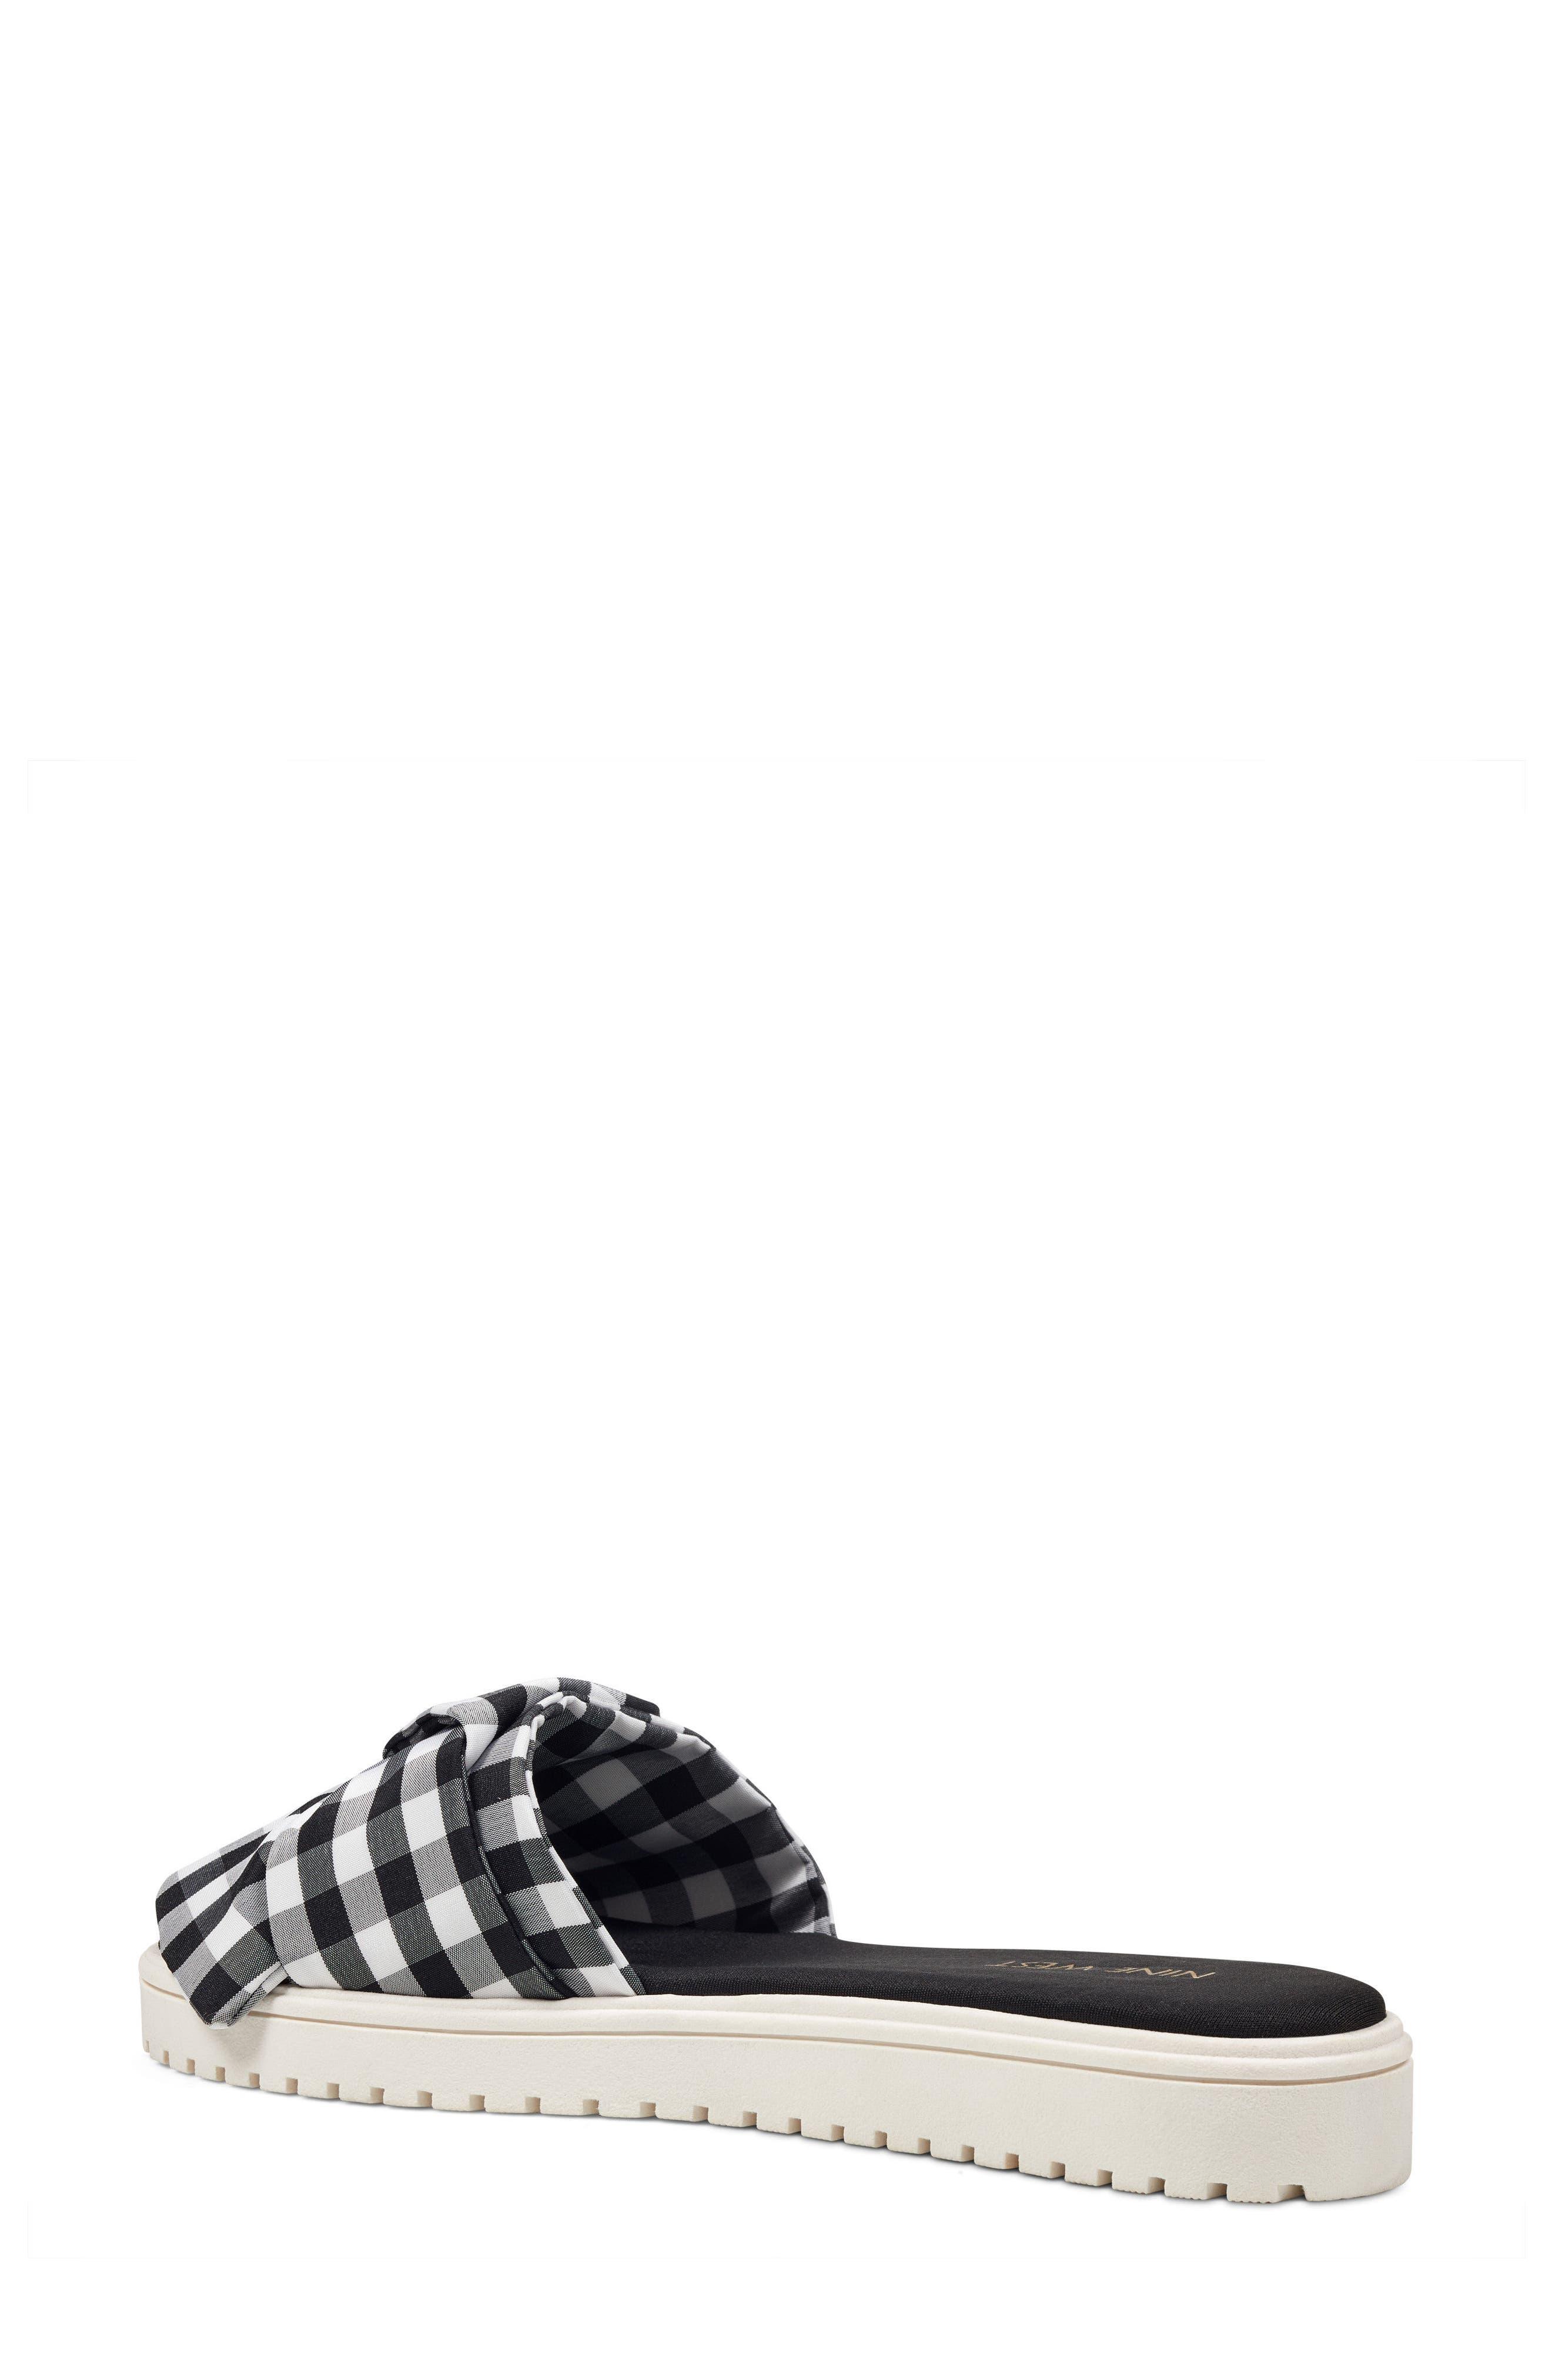 Ruth Slide Sandal,                             Alternate thumbnail 2, color,                             Black/ White Fabric